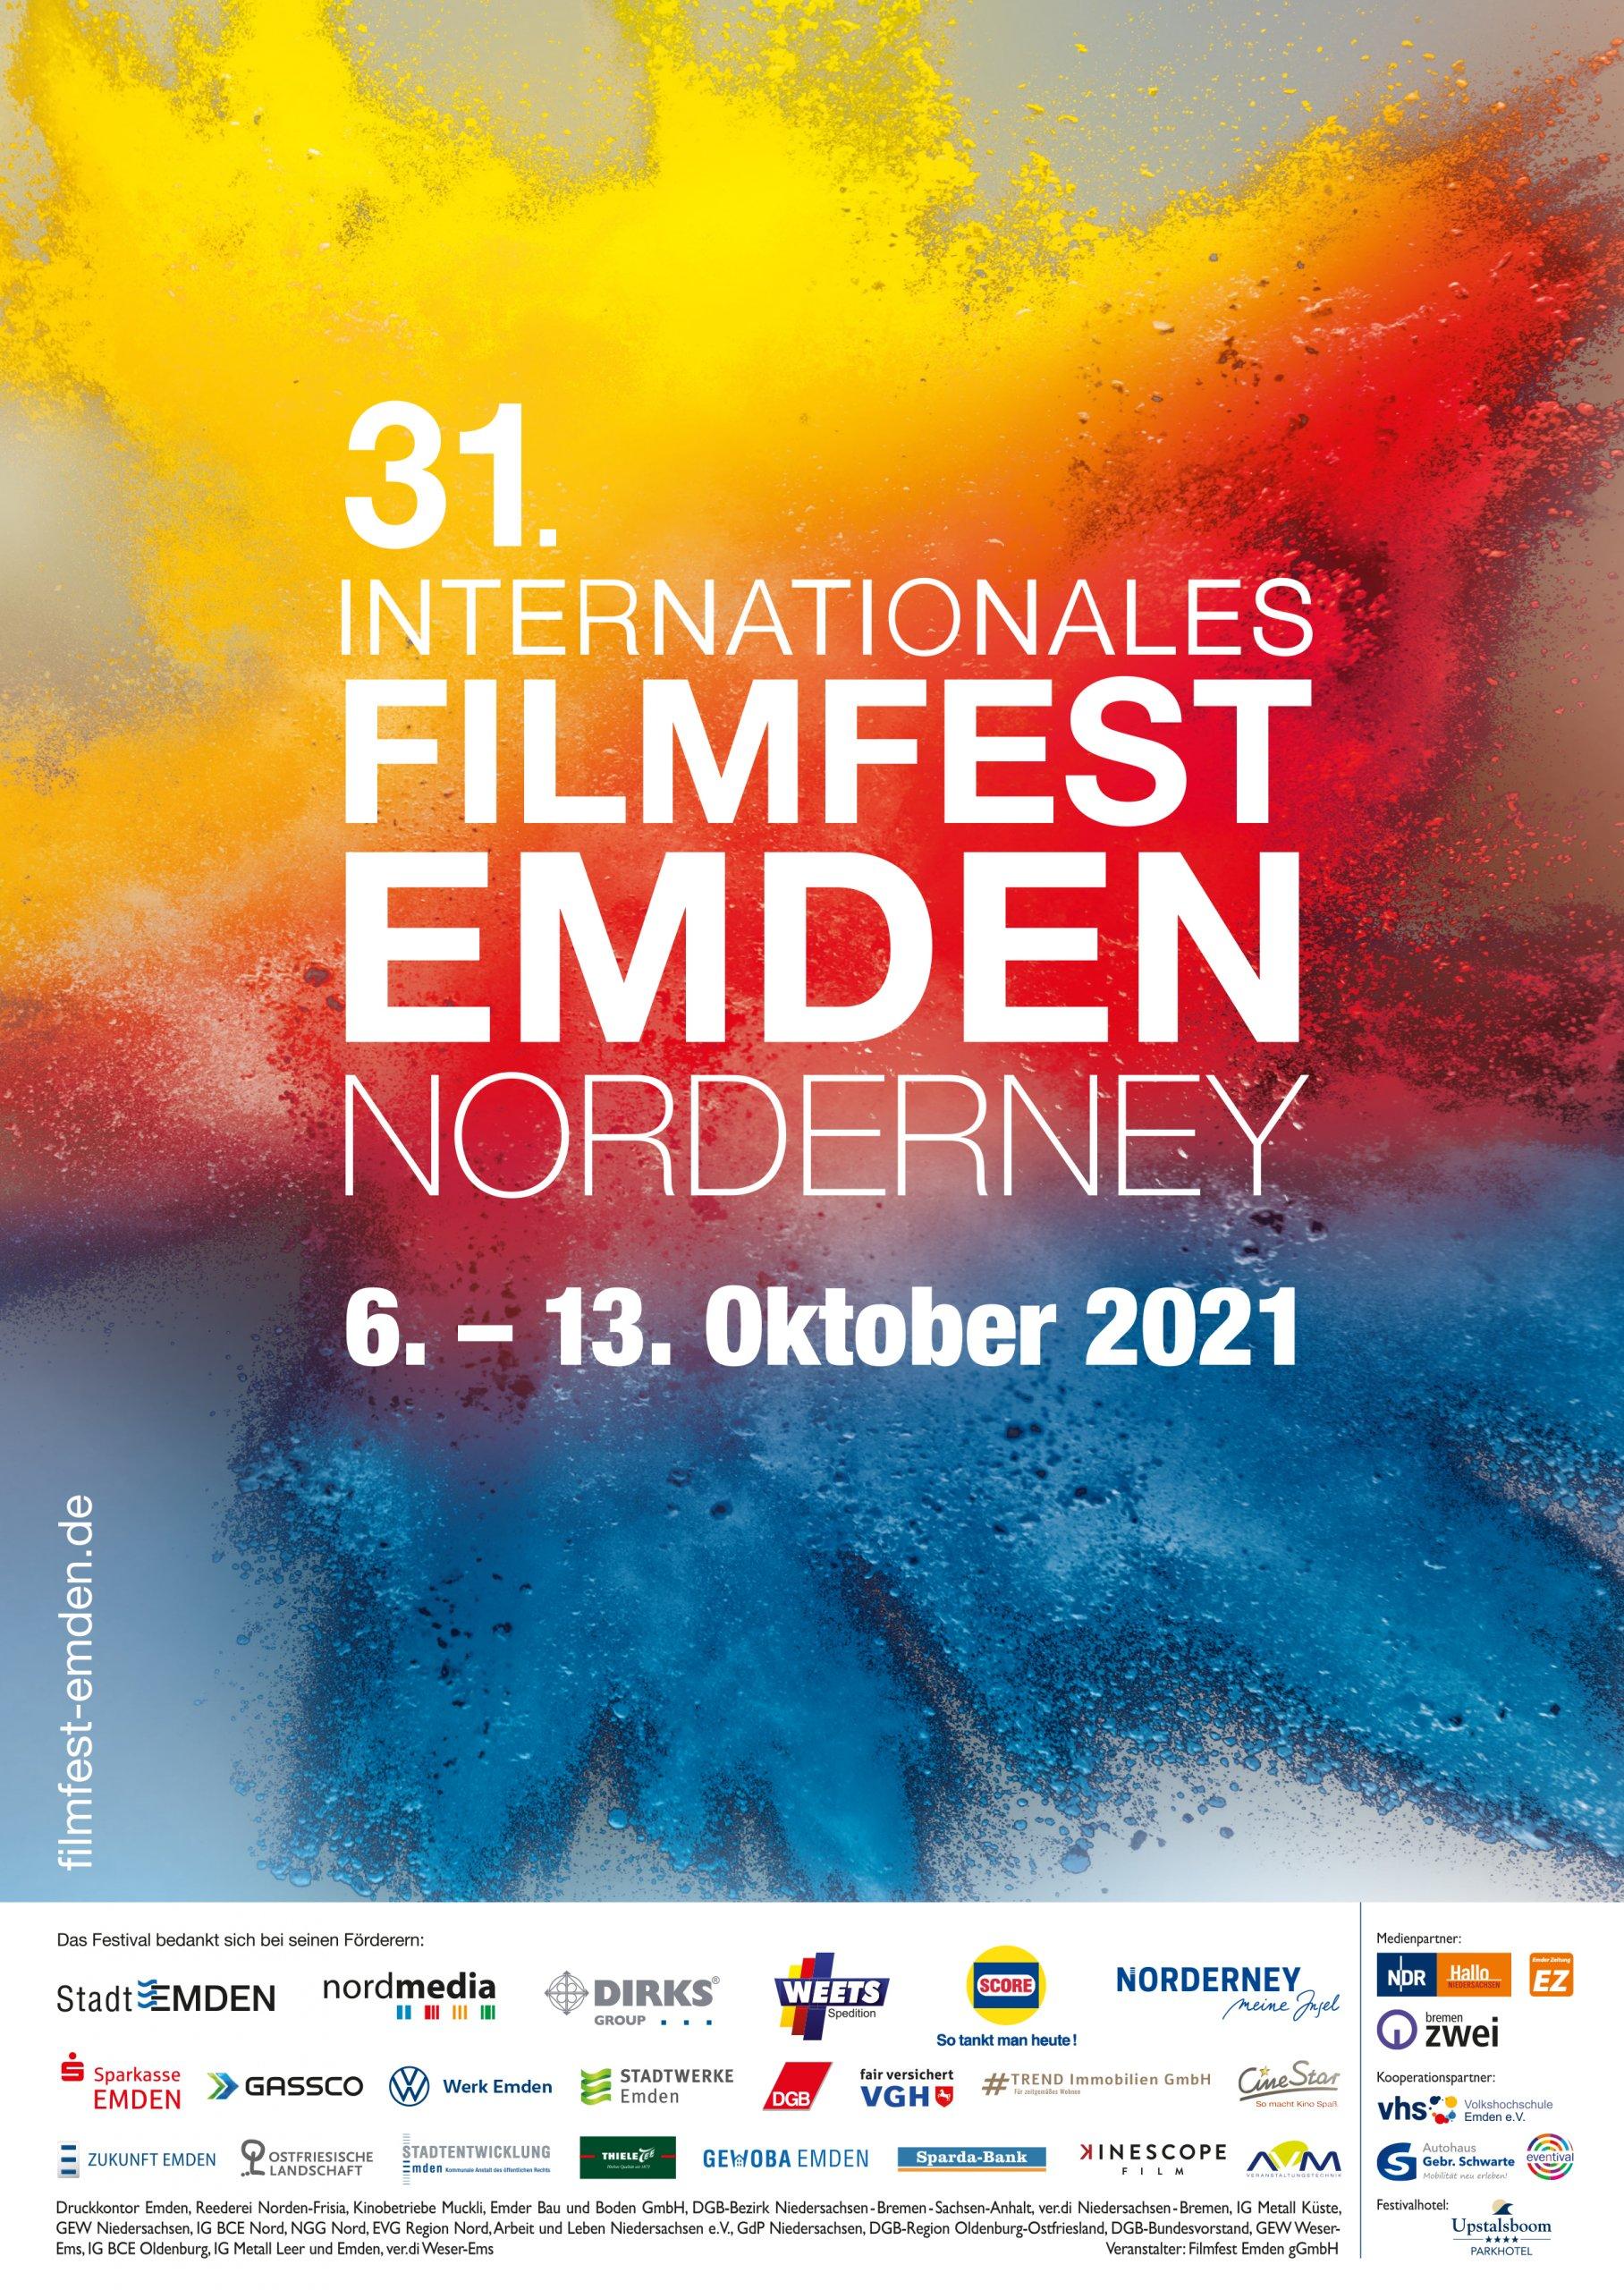 Filmfest Plakat